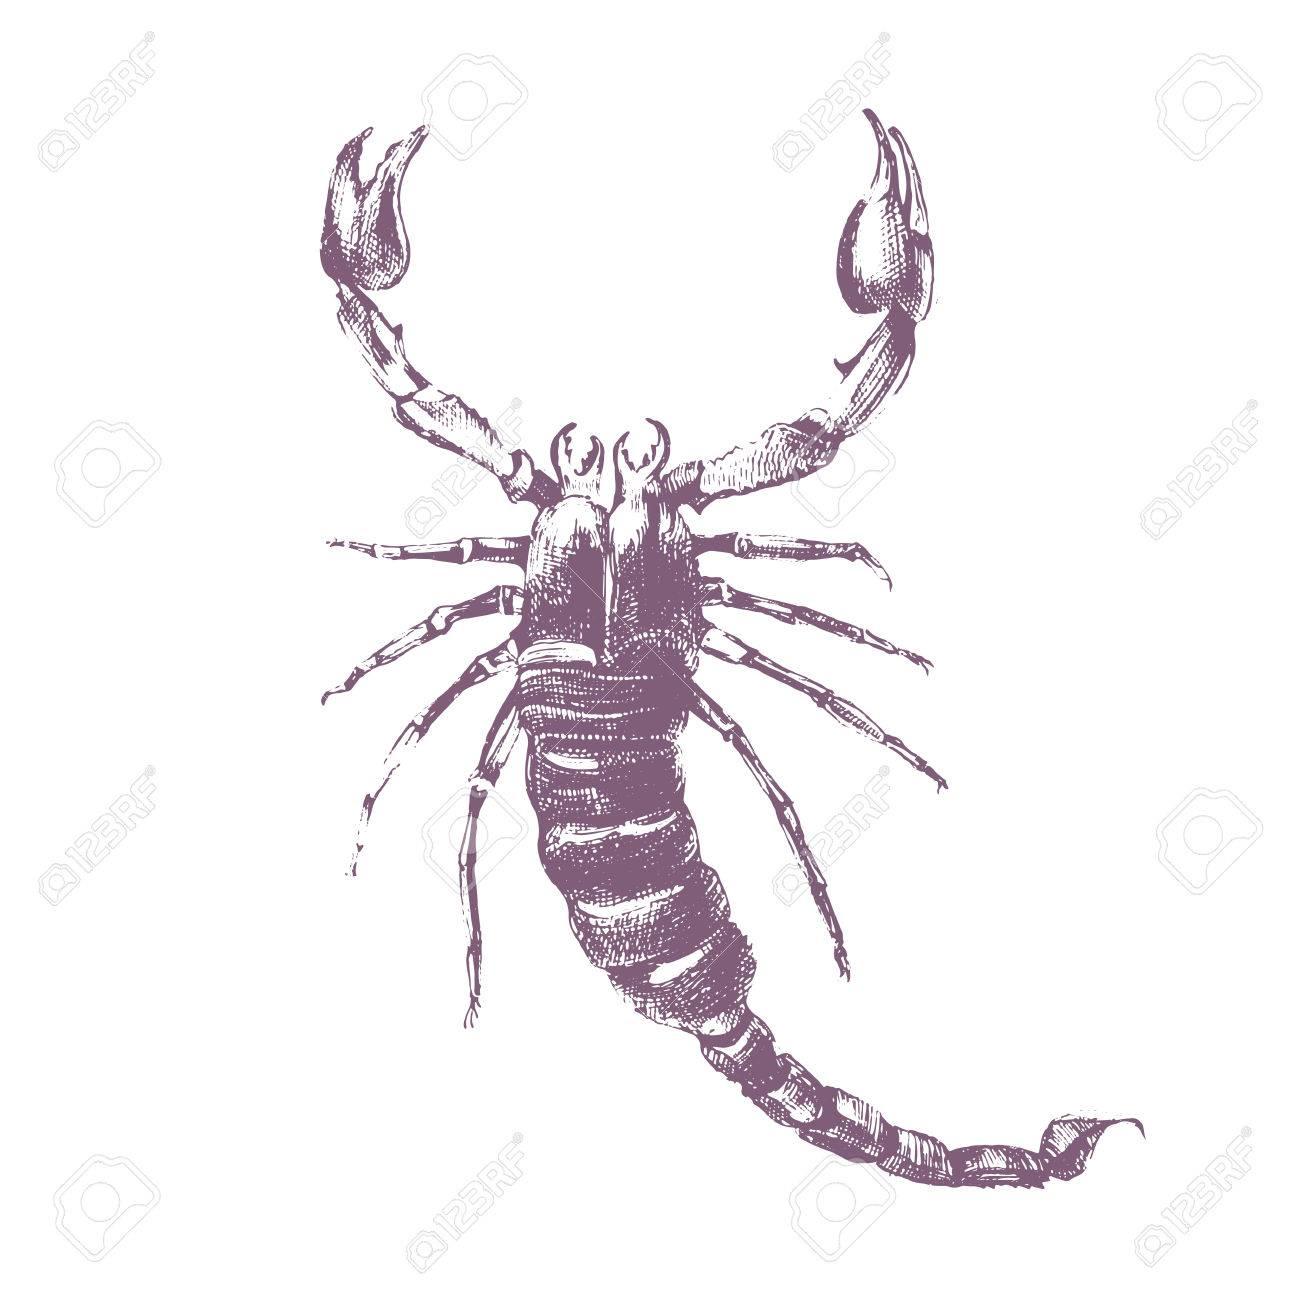 Hand Gezeichnet Skorpion Auf Weißem Hintergrund Lizenzfrei Nutzbare